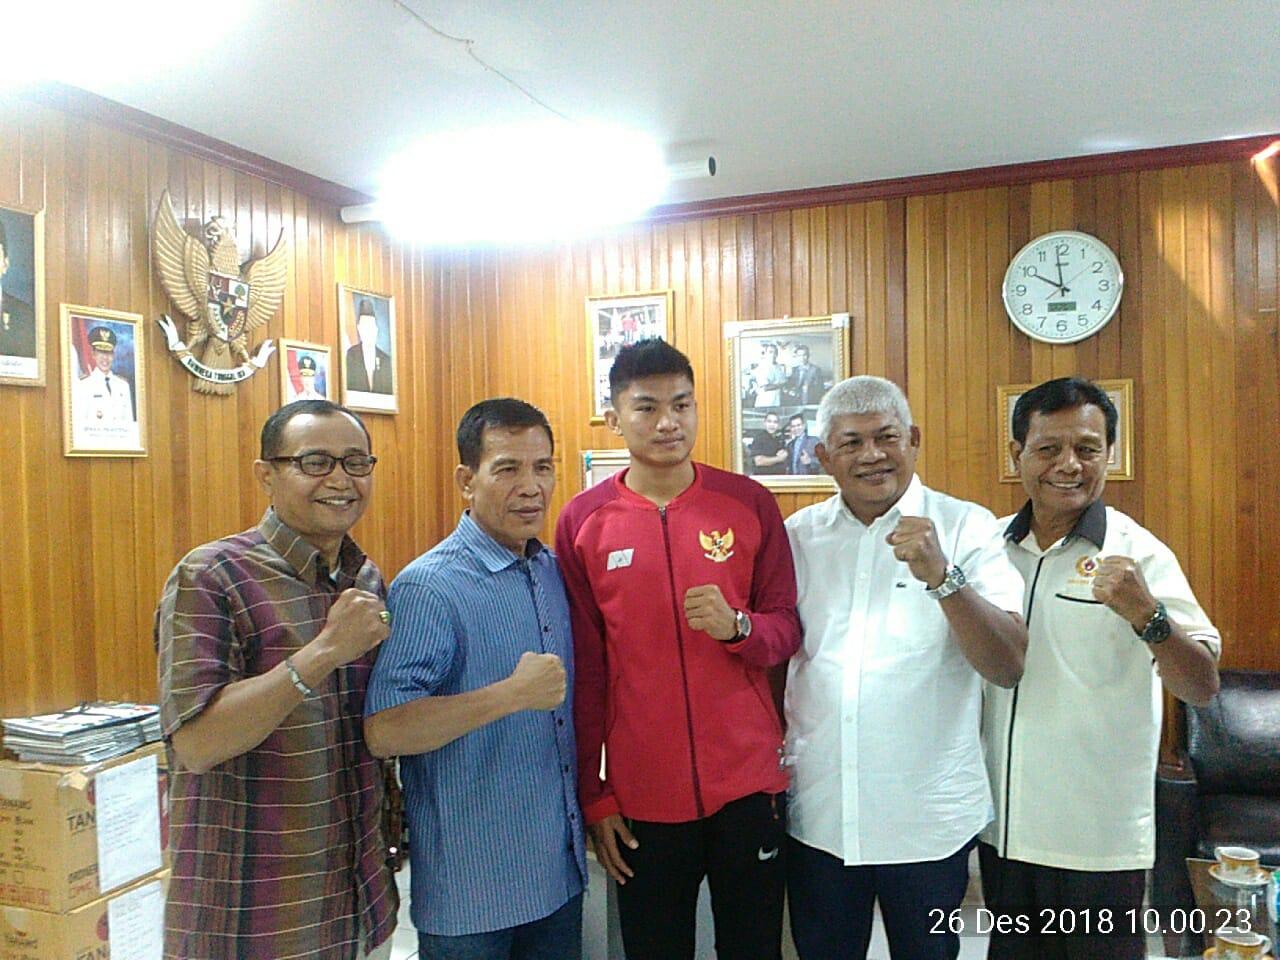 Dihadapan Ketua KONI Sumbar,Pemain Timnas Indonesia Ini Siap Dedikasikan Diri Untuk Ranah Minang